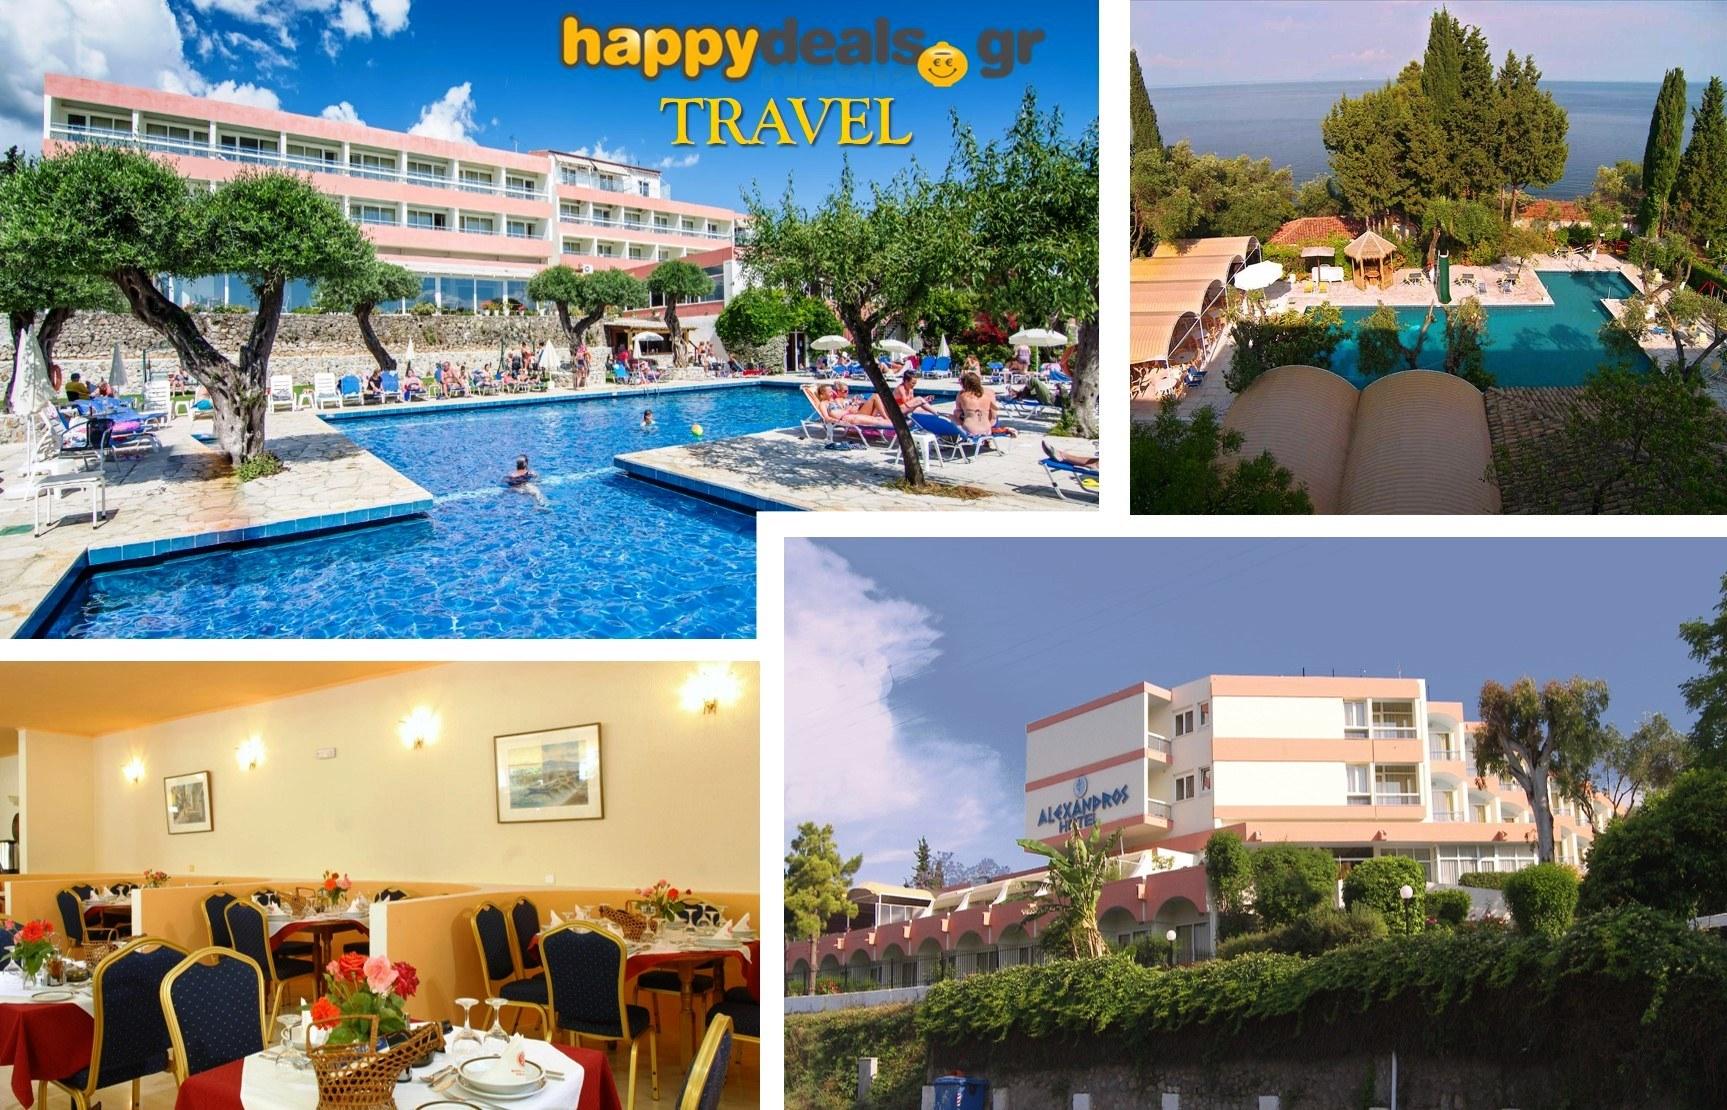 Διακοπές στην ΚΕΡΚΥΡΑ: Από 145€ για 5ήμερη απόδραση, ALL INCLUSIVE, στο φιλόξενο και ήσυχο ξενοδοχείο 4* ''Alexandros'', στο Πέραμα εικόνα